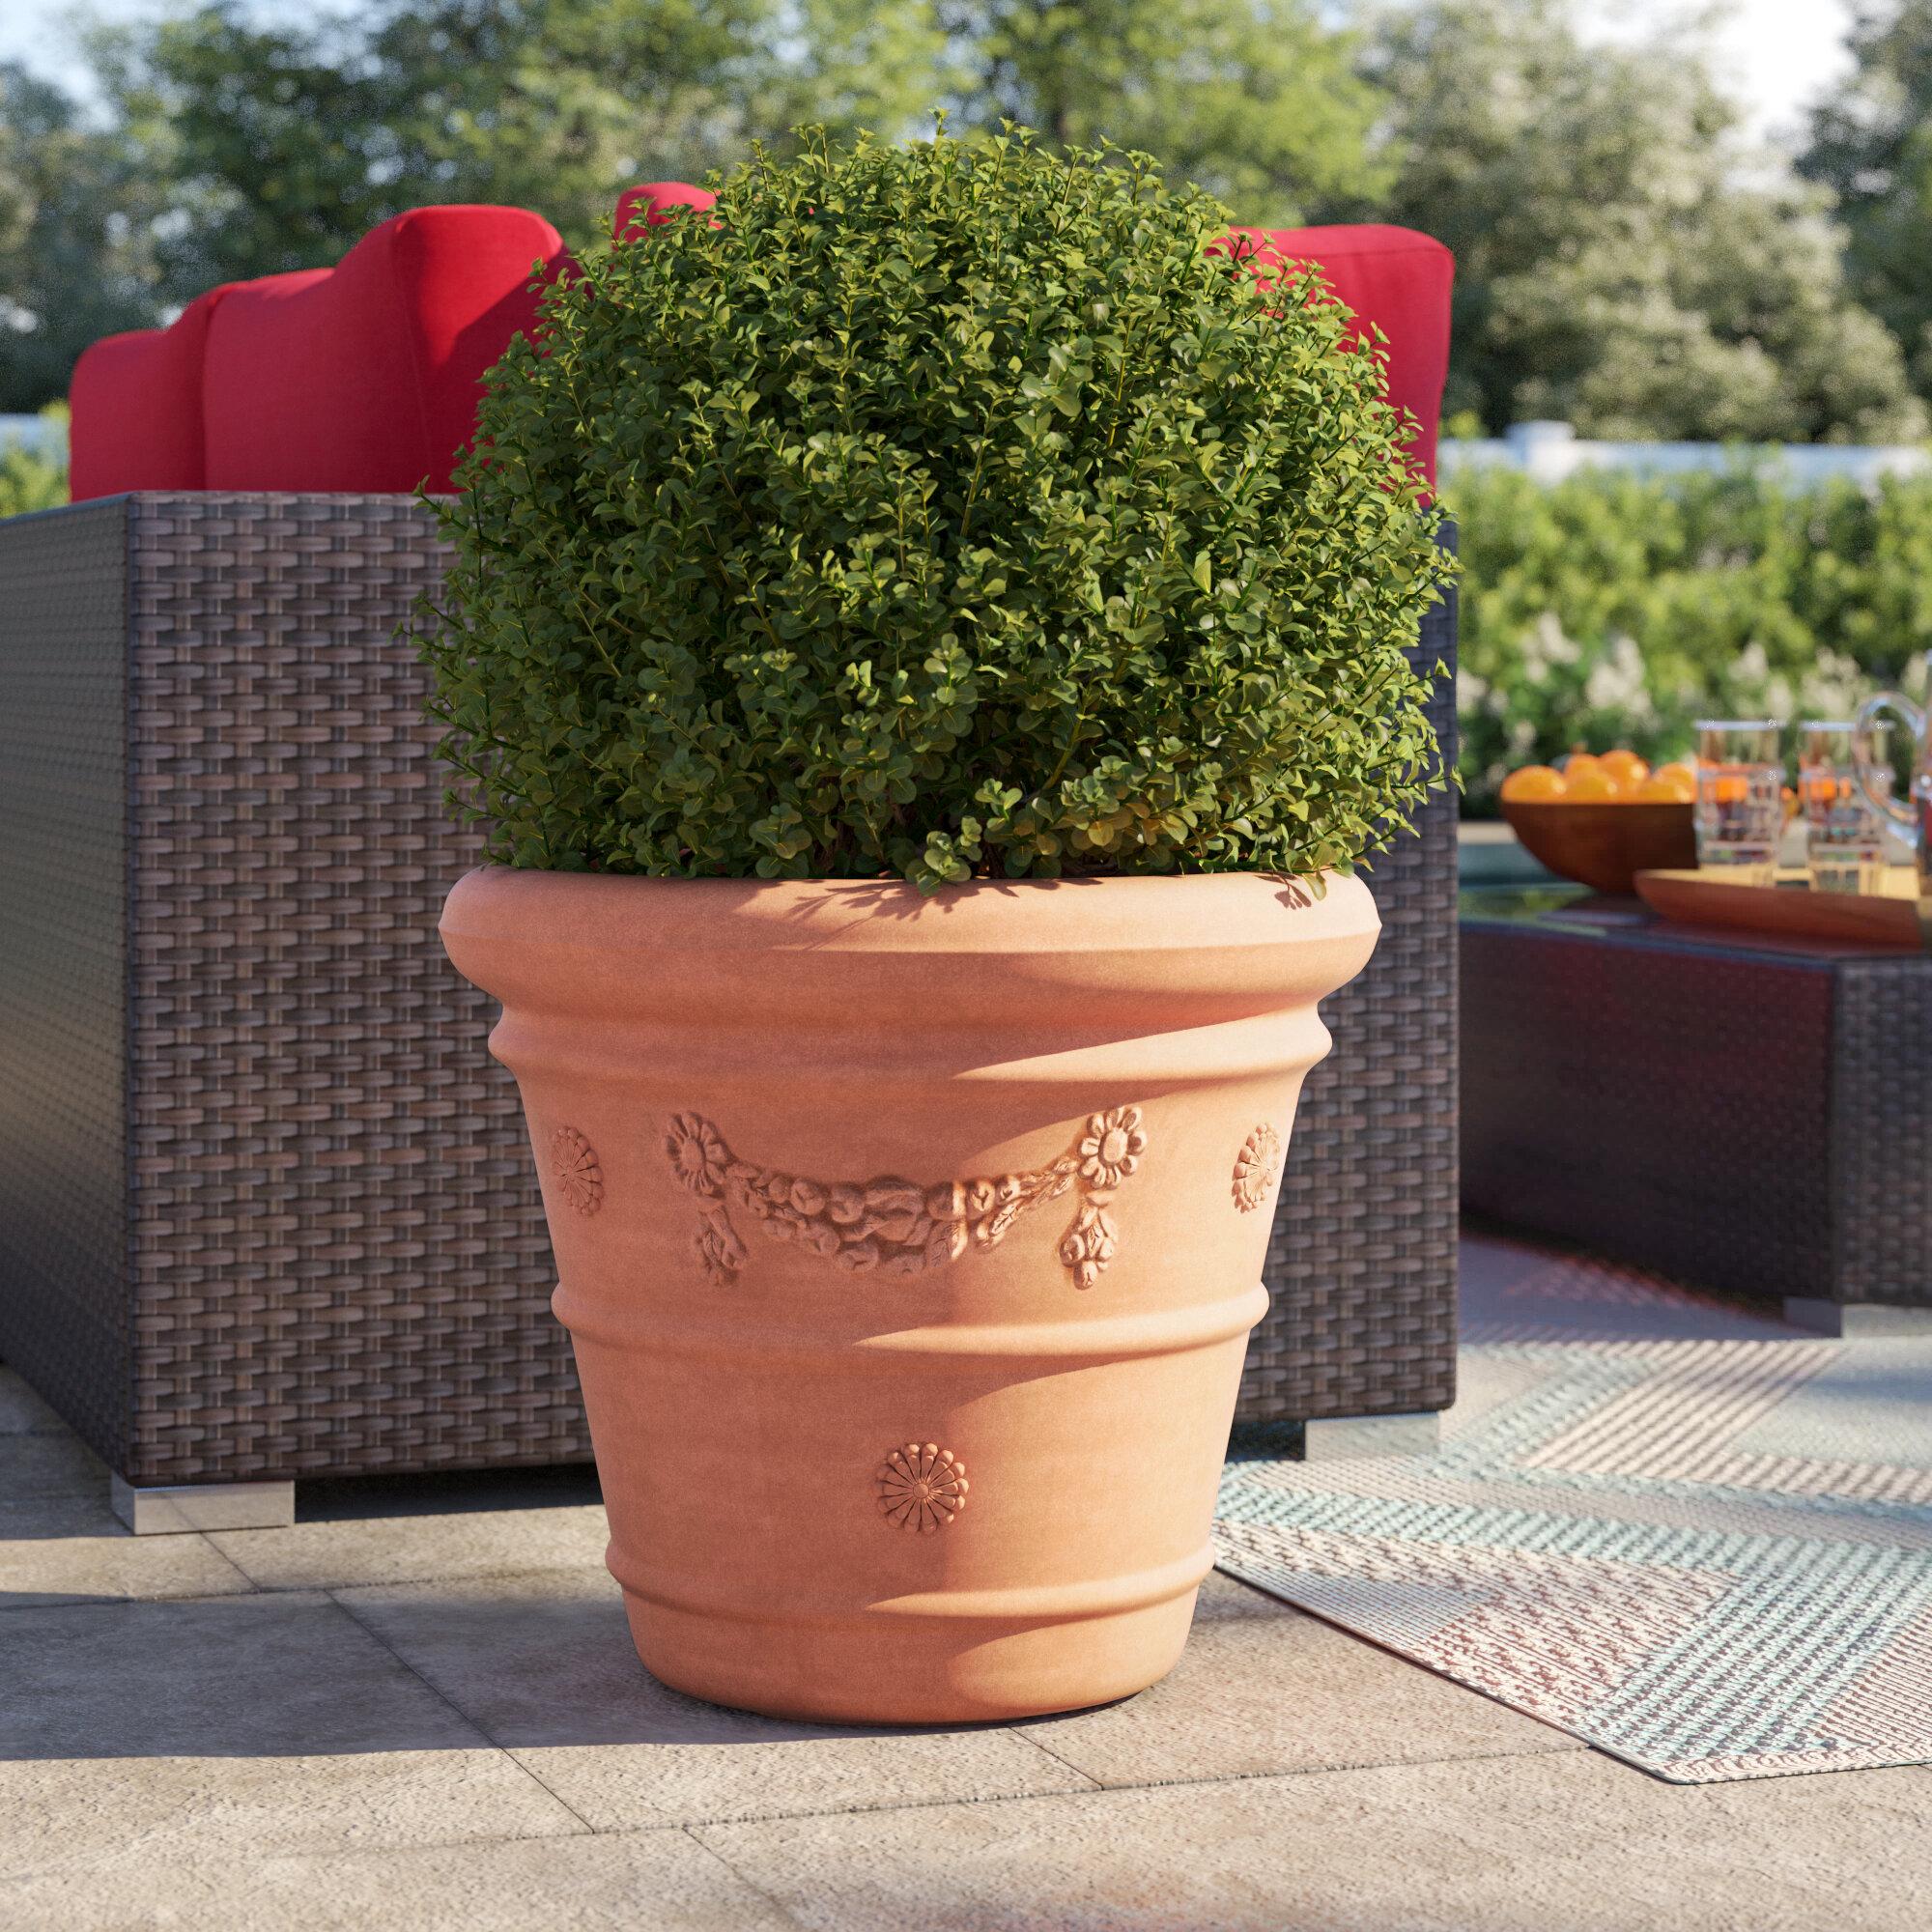 Sol 72 Outdoor Dekland Resin Pot Planter Reviews Wayfair